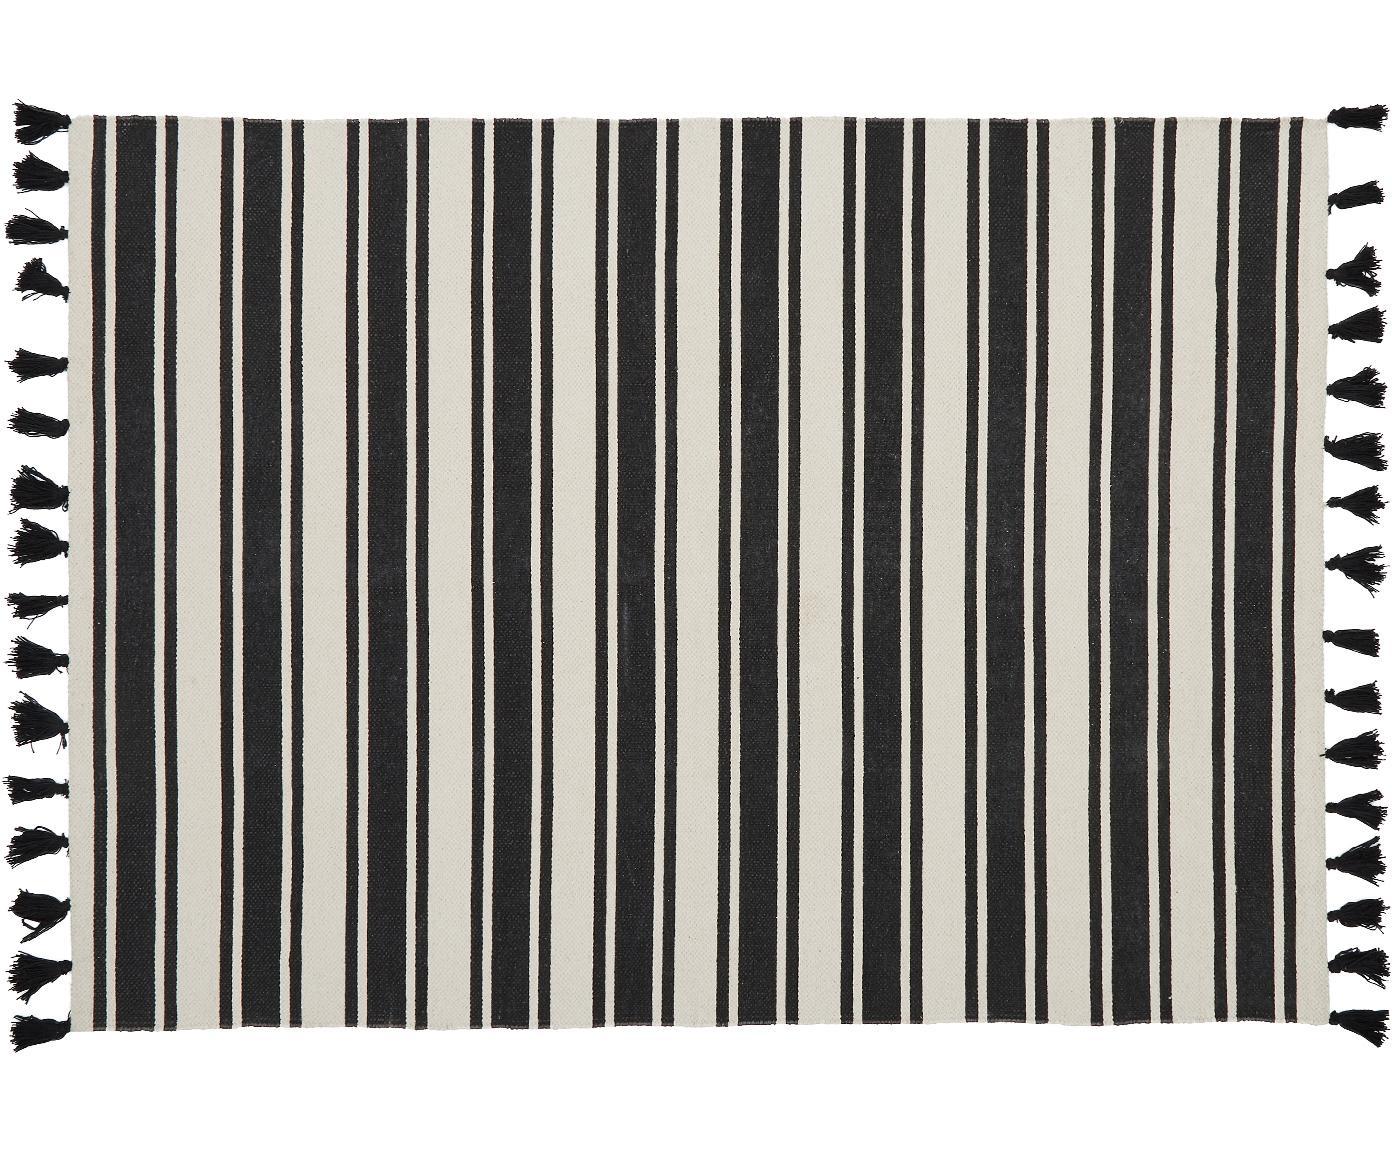 Alfombra artesanal de algodón Vigga, Negro, beige, An 120 x L 180 cm (Tamaño S)